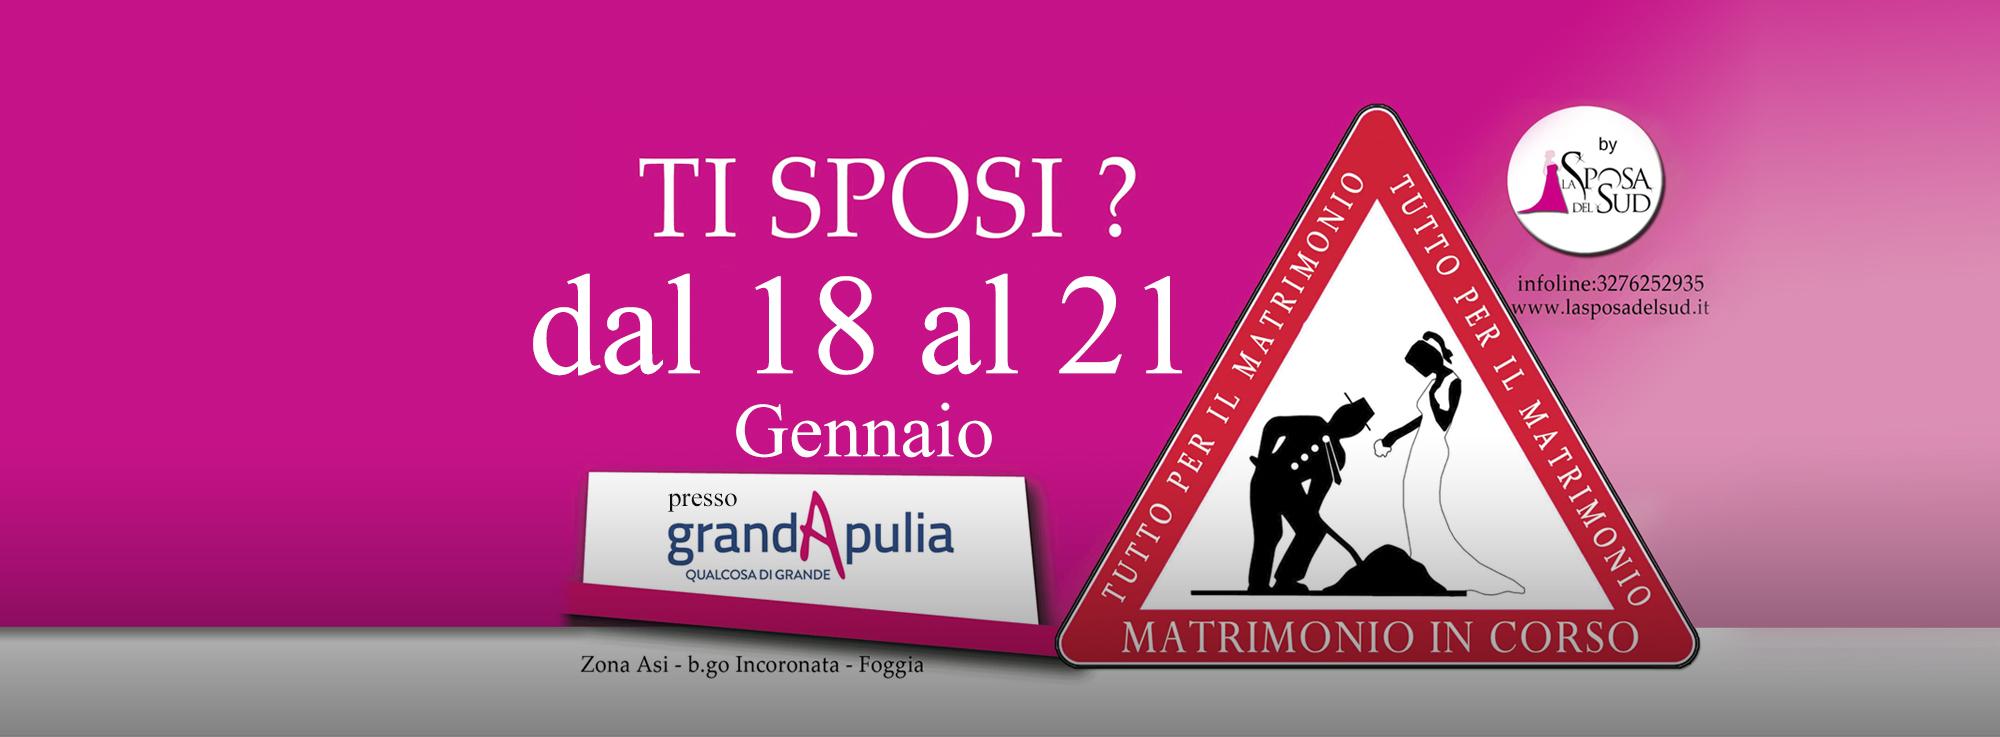 Foggia: Matrimonio in corso